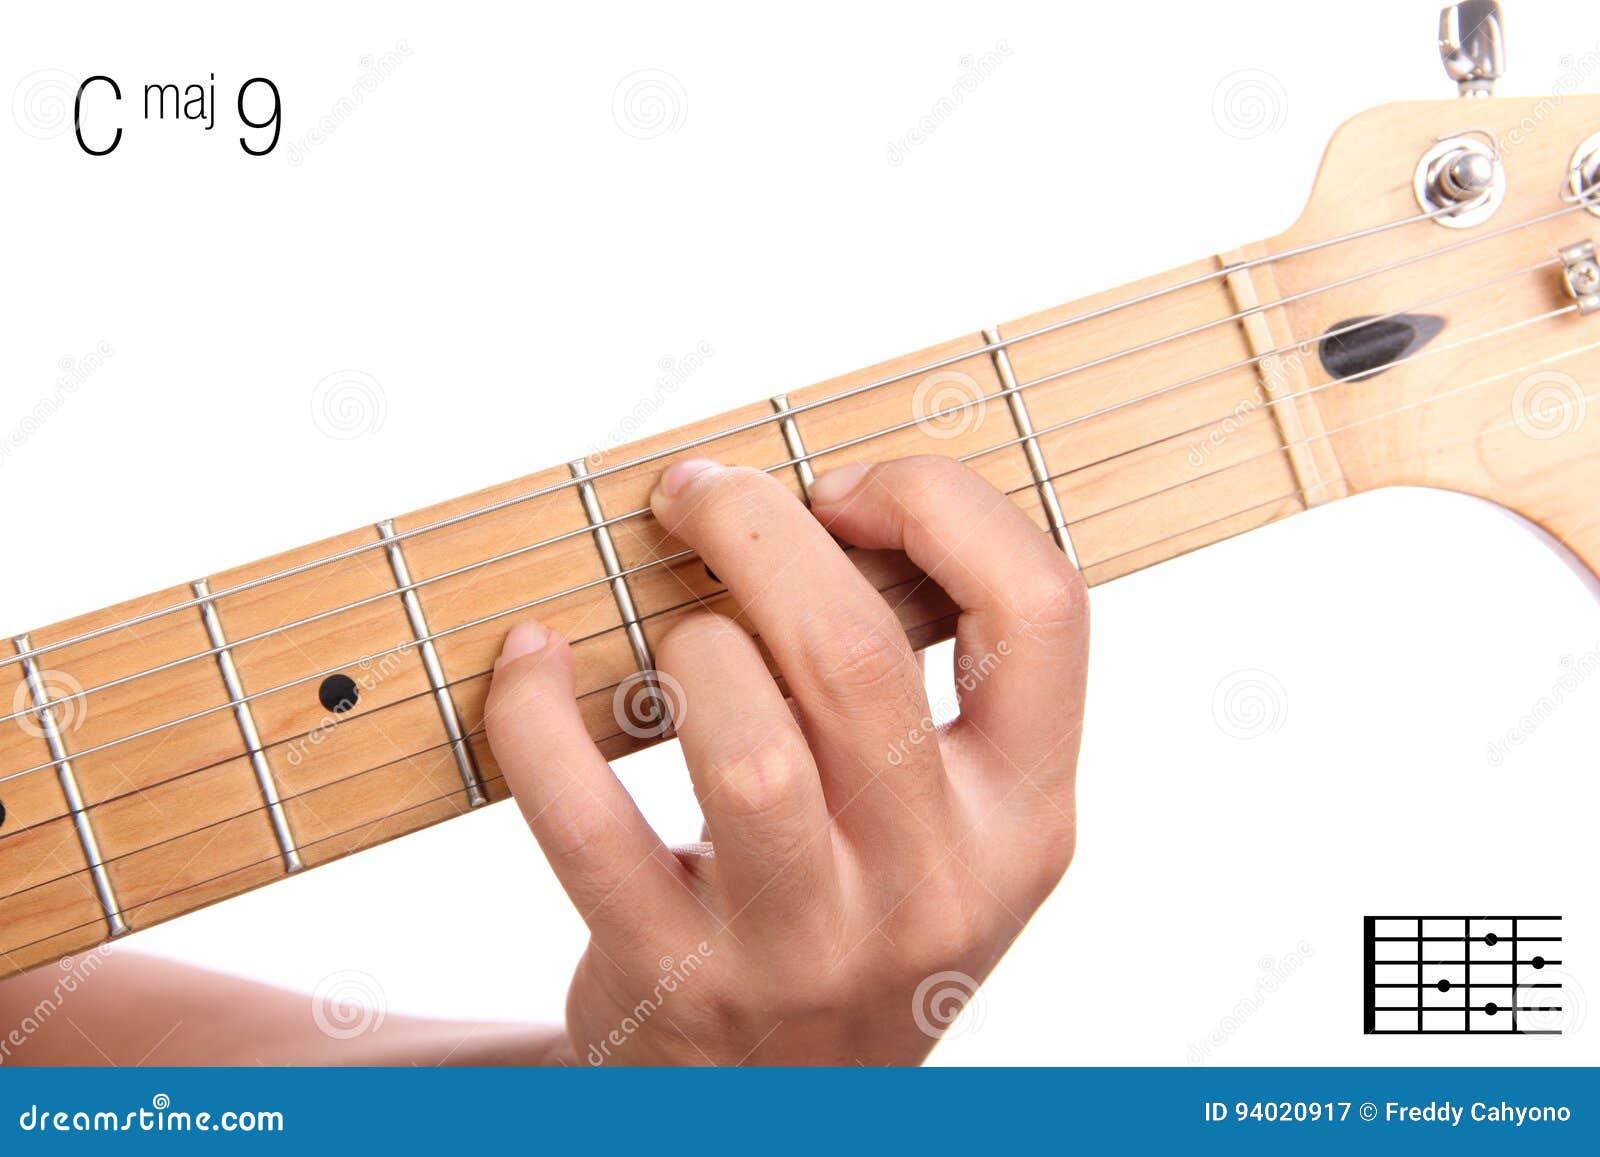 Cmaj9 Guitar Chord Tutorial Stock Image Image Of Music Cmaj7